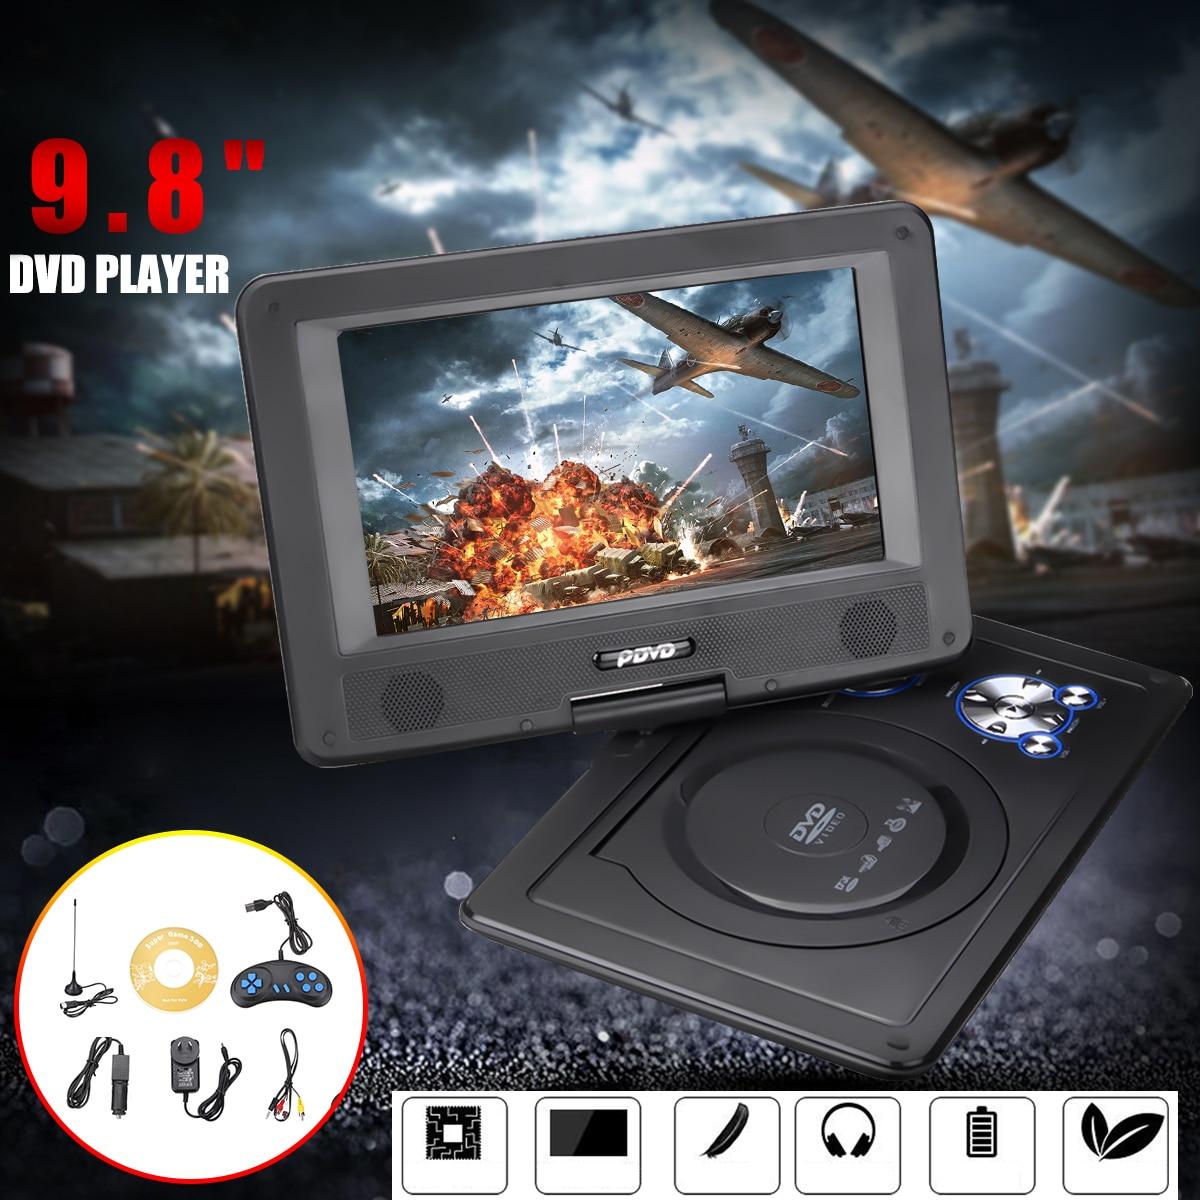 9.8 pouce Portable HD DVD Lecteur Rotation Écran FM VCD CD MP3 Mp4 TV Lecteur Multimédia Lecteur DVD de Voiture Lecteur avec Gamepad